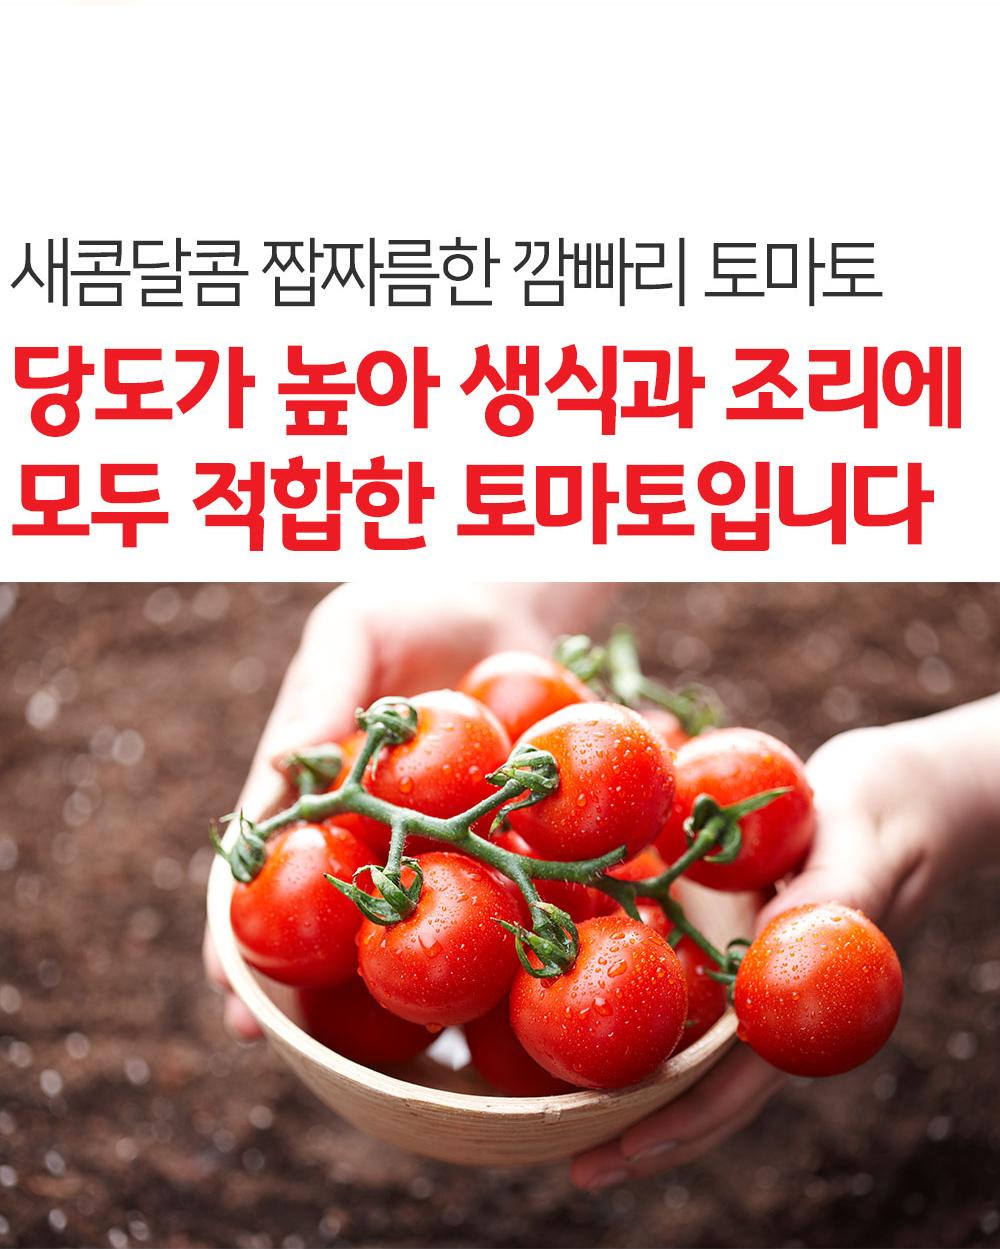 강원도-화천-깜빠리-토마토_상세페이지_02.jpg